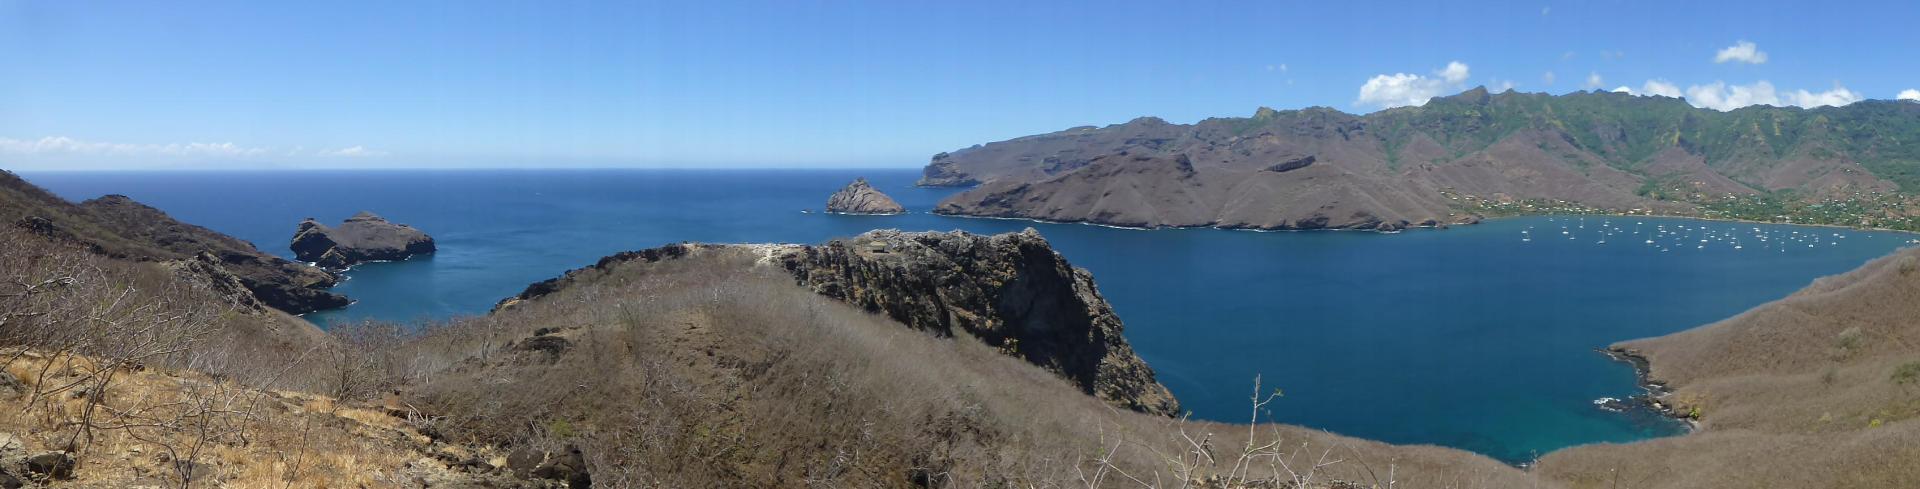 Baie de Taiohae